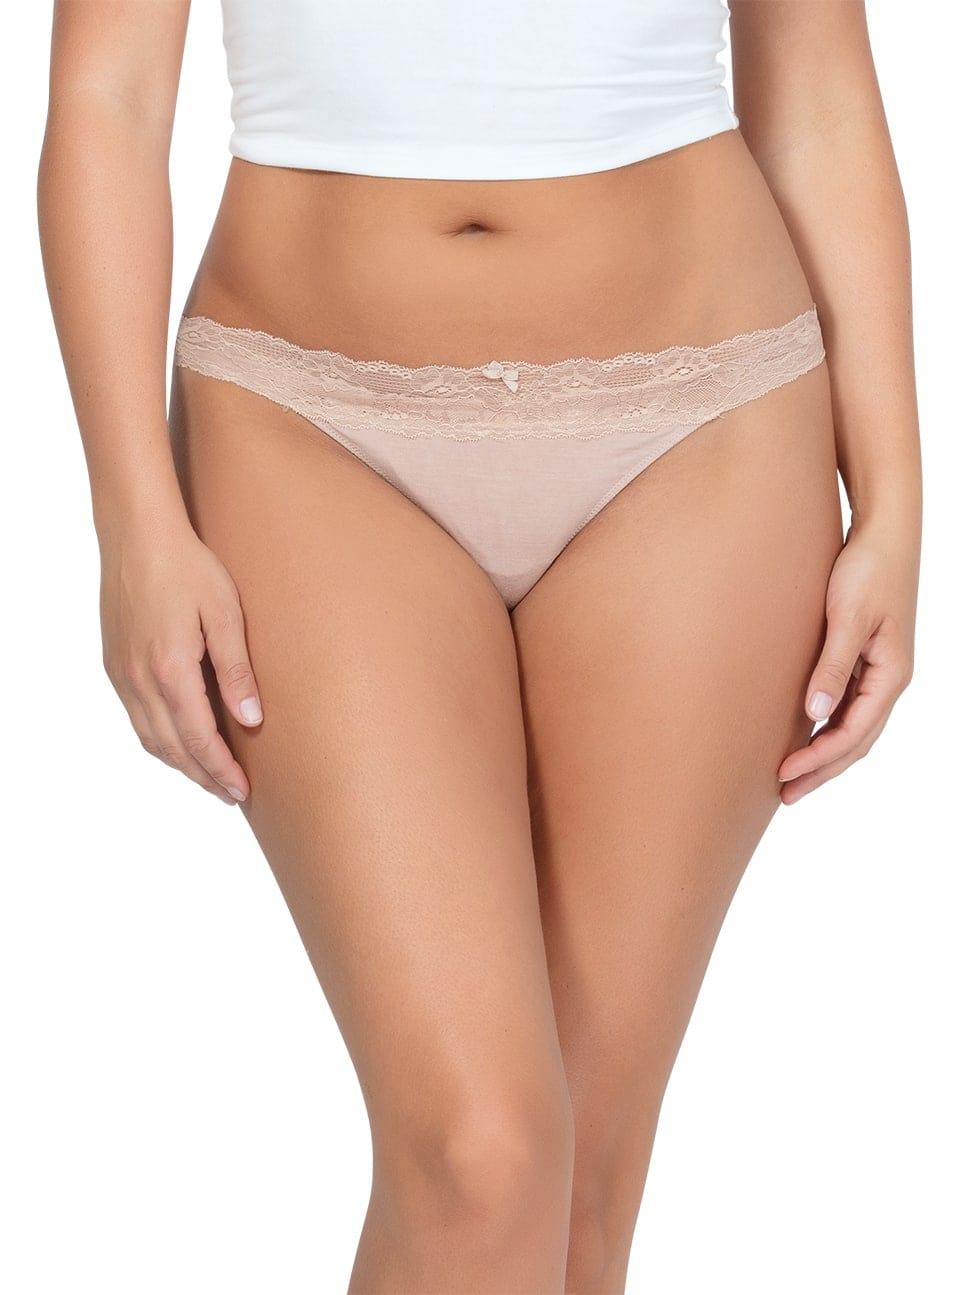 PARFAIT ParfaitPanty SoEssential ThongPP403 Bare Front - Panty So Essential Thong- Bare - PP403